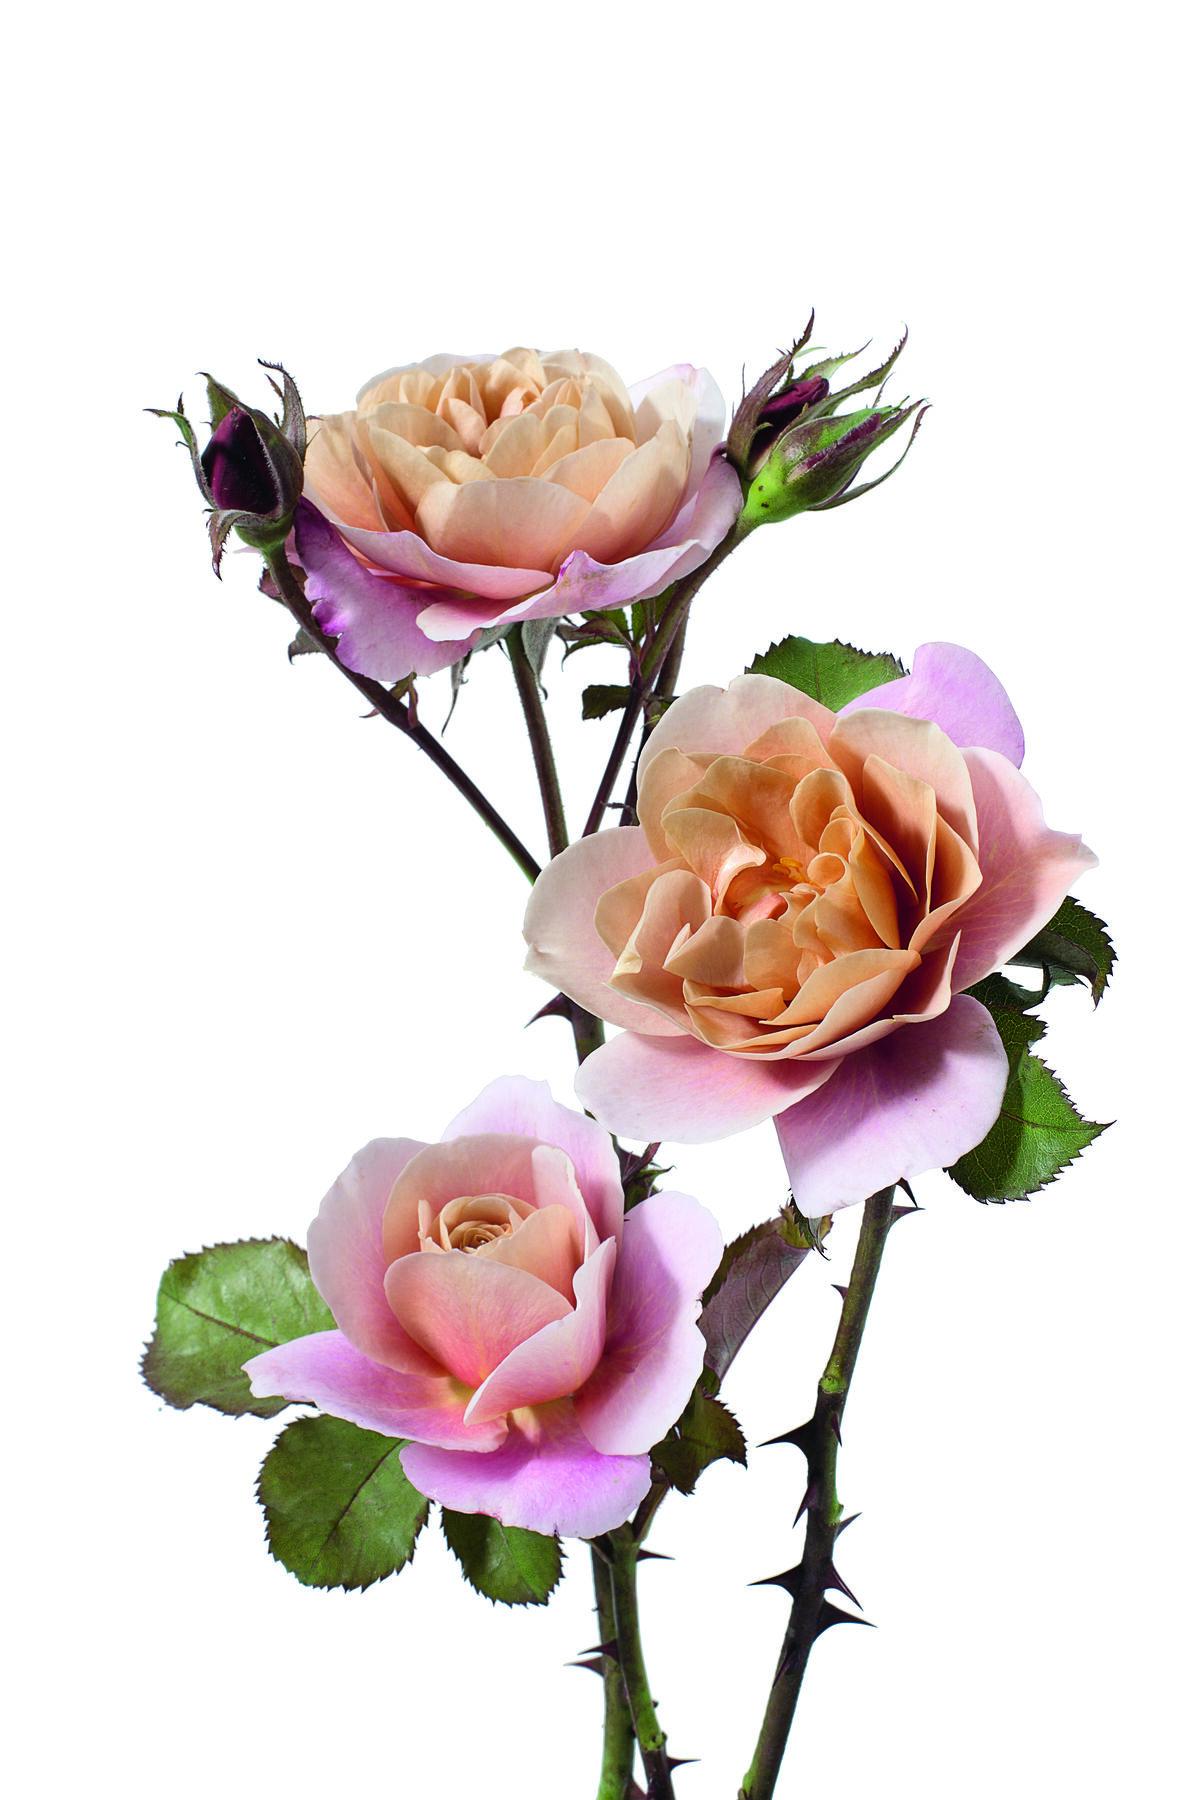 Rose. Courtesy of Phaidon.